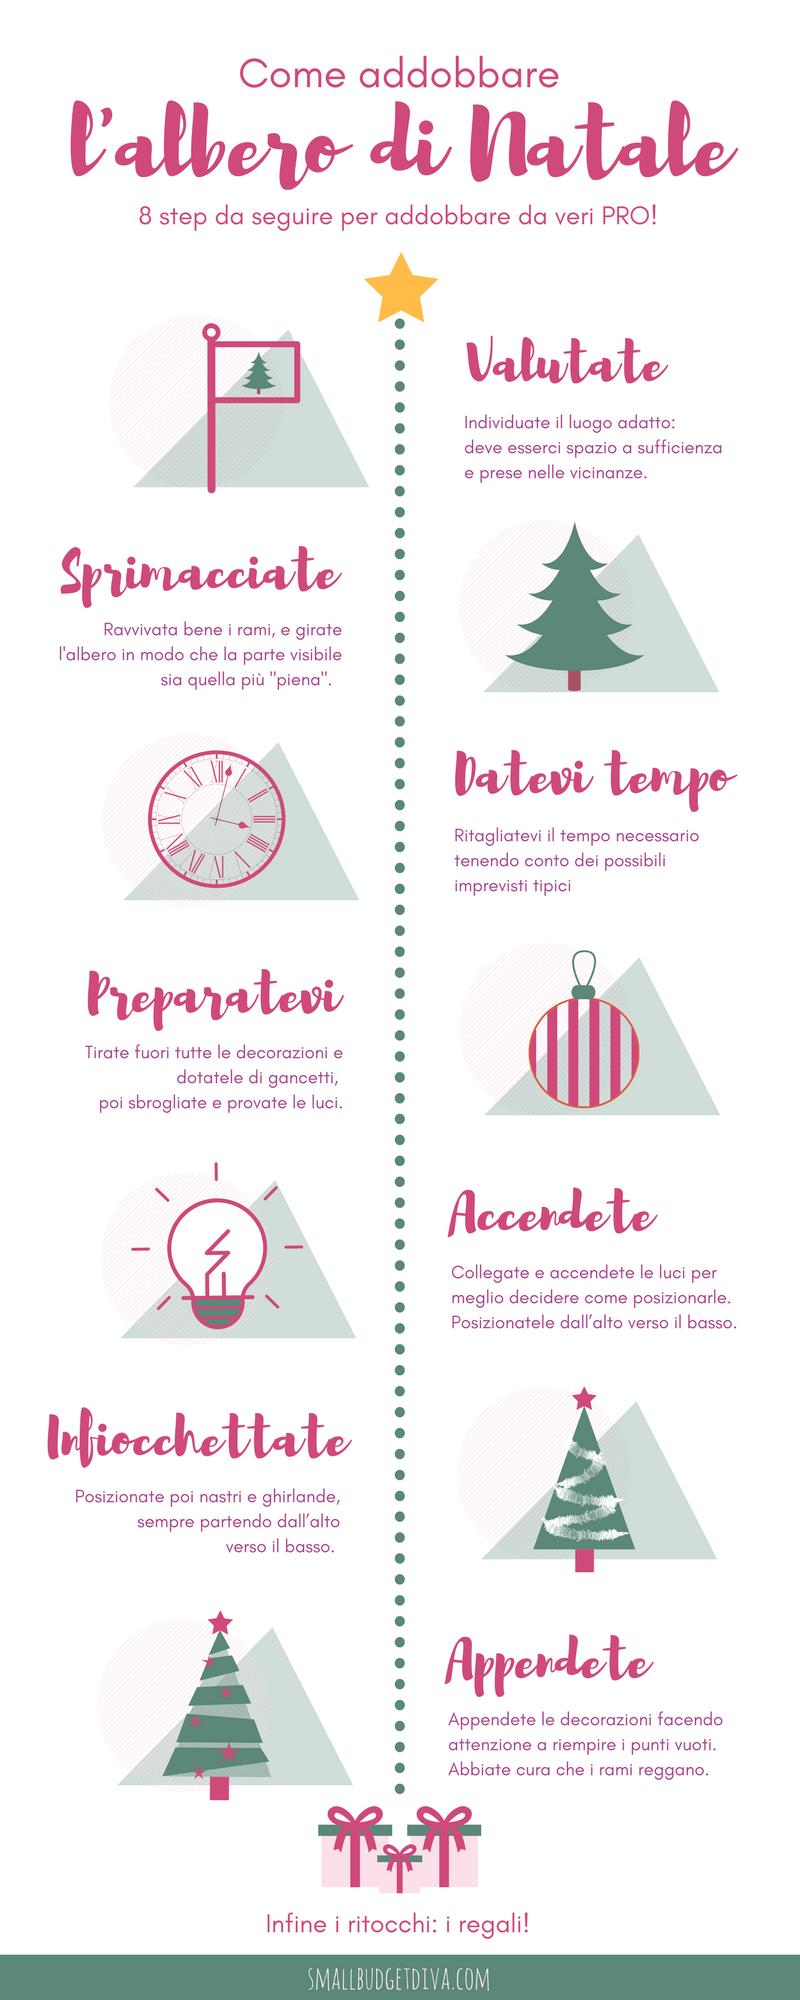 addobbare l'albero di natale_infografica